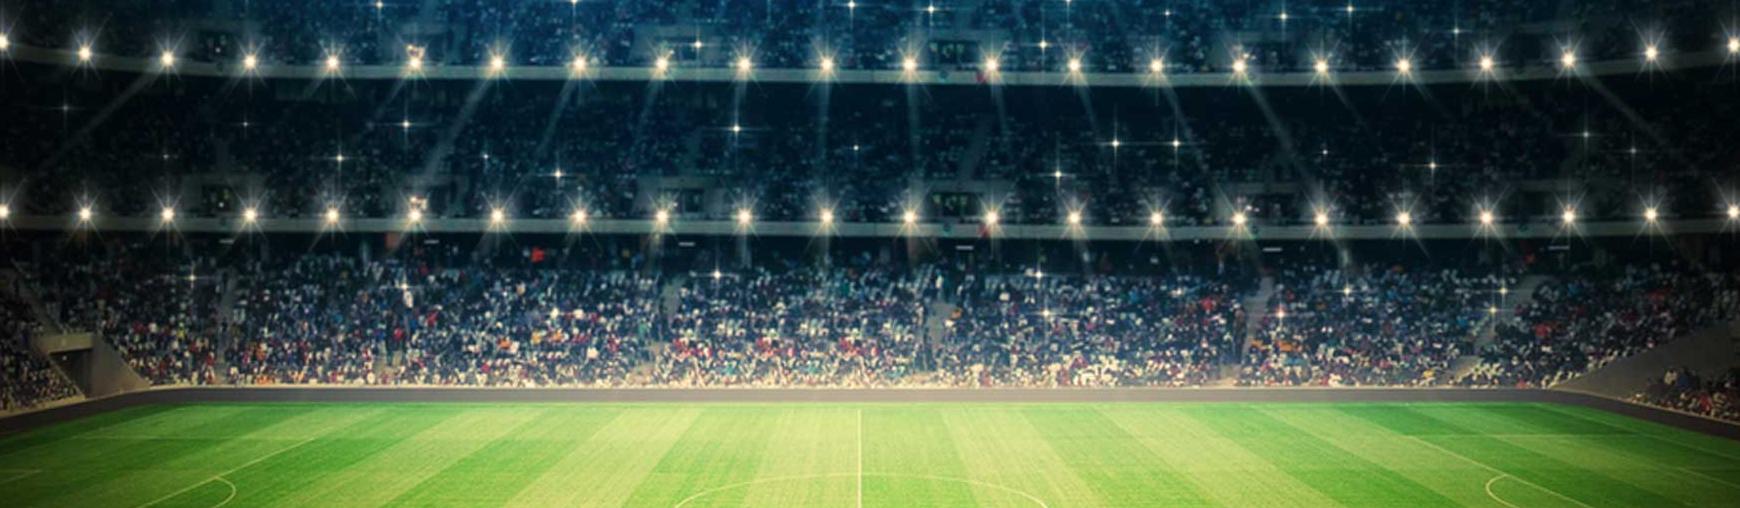 Wie zijn wij? - LED Voetbalveld verlichting; LED voor voetbalvelden